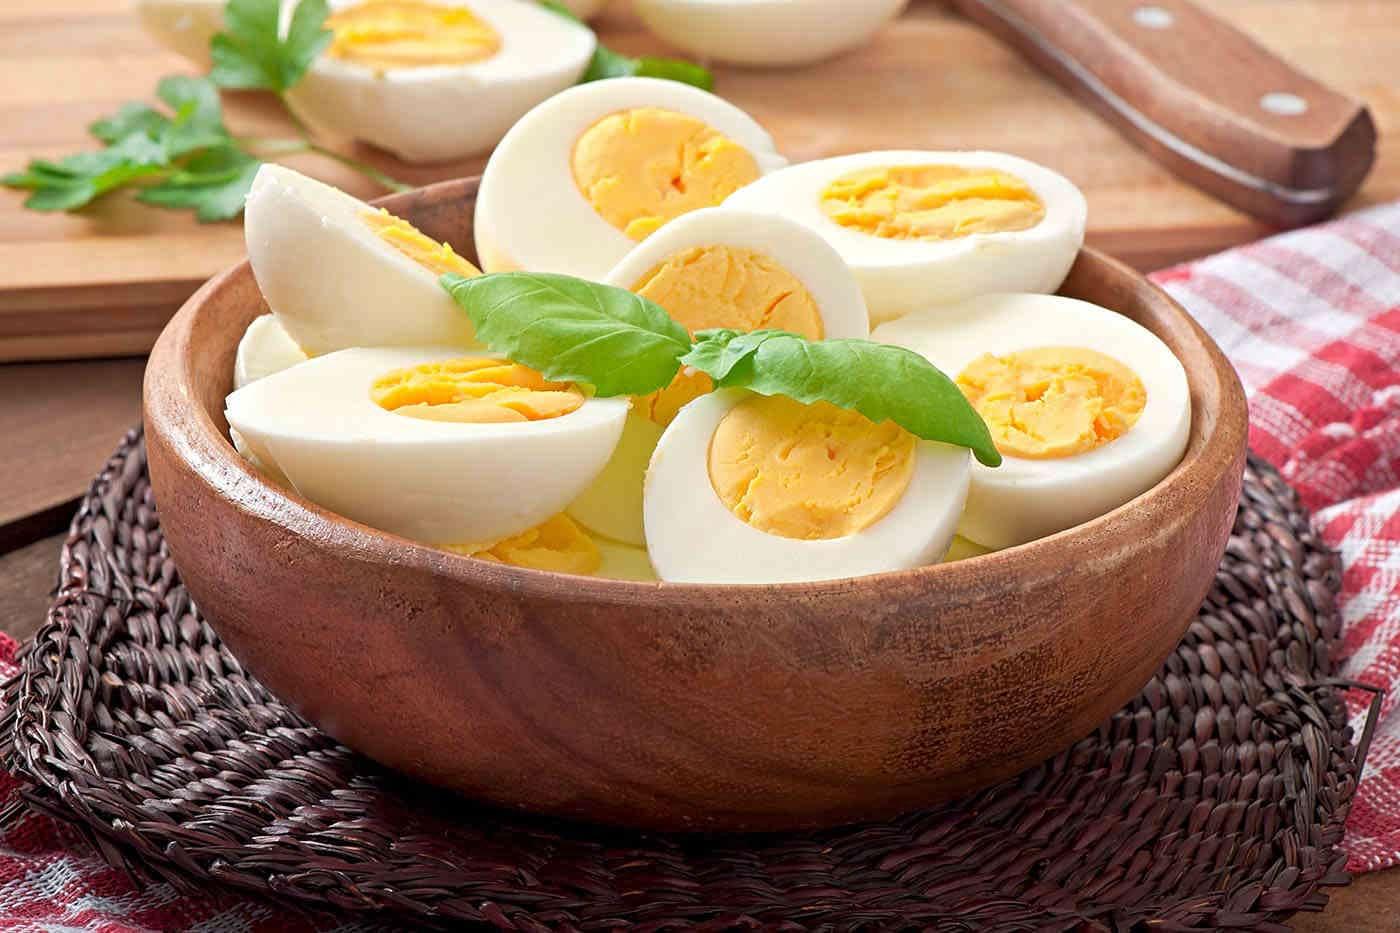 Dieta cu ouă: beneficii și riscuri